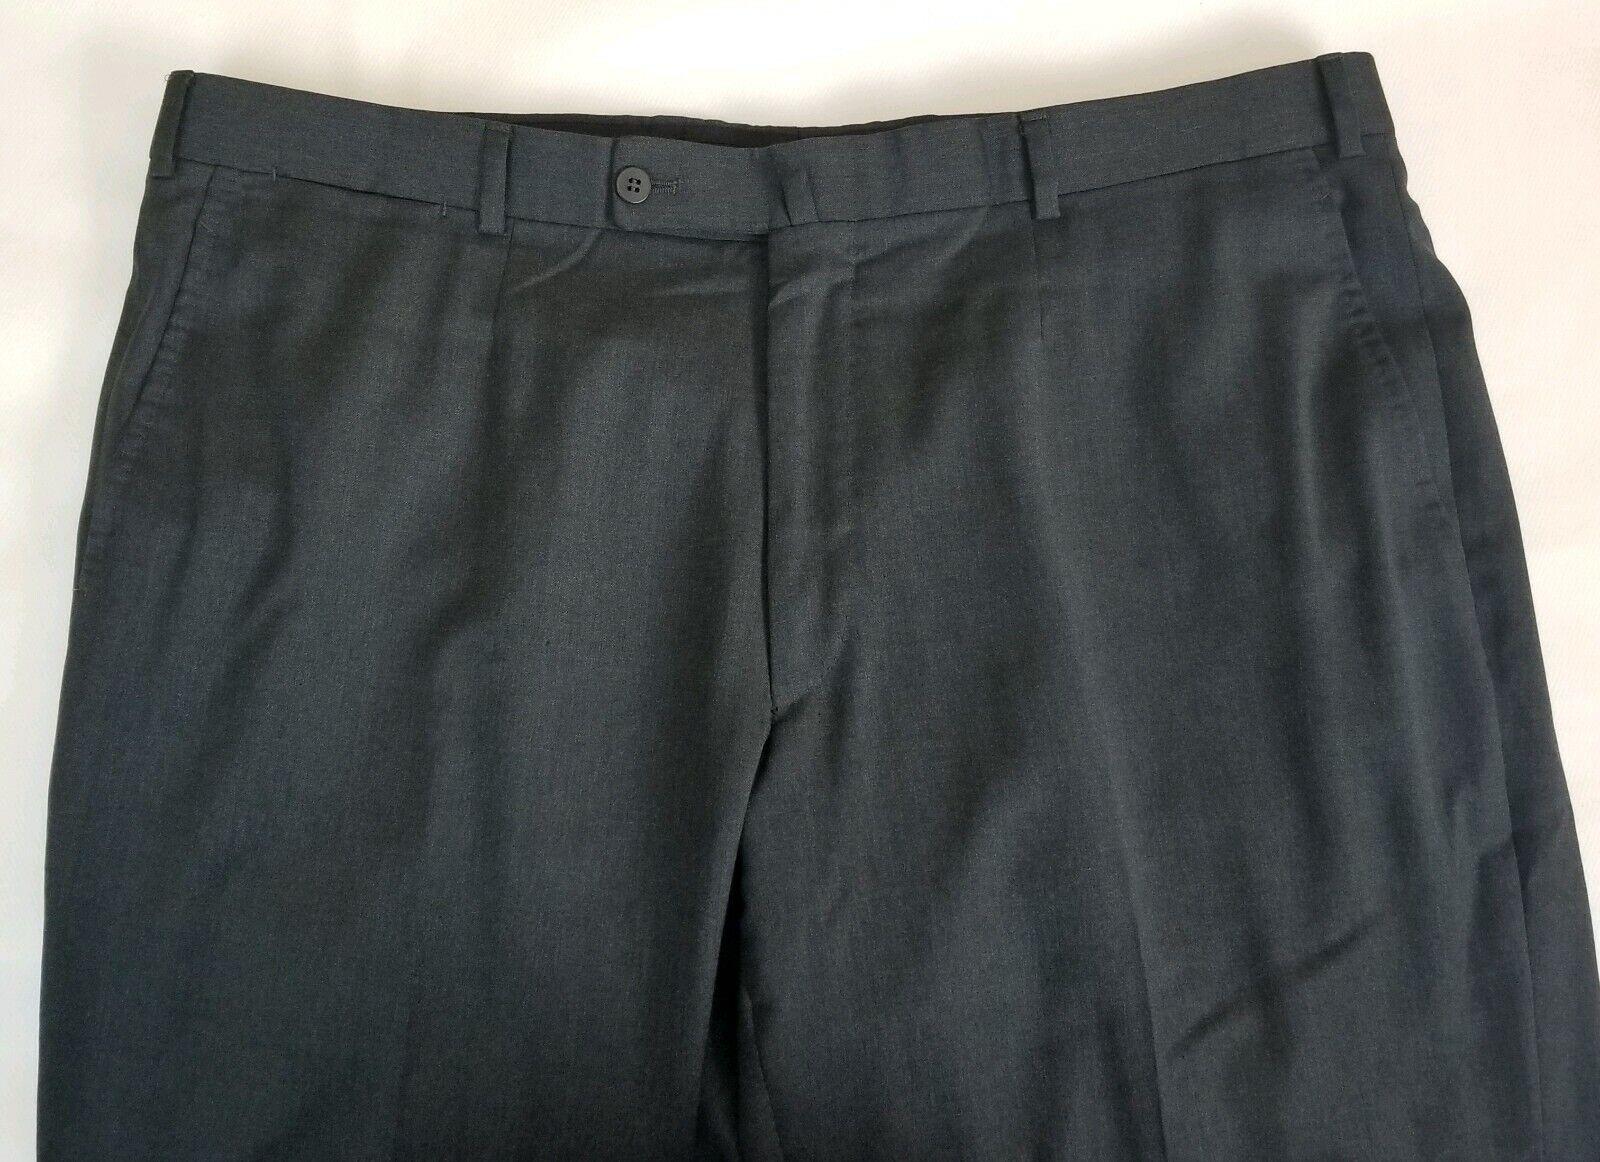 Isaia Napoli Grau Glatt Vorne Anzughose Aquaspider 160 S Wolle Herren 40x27